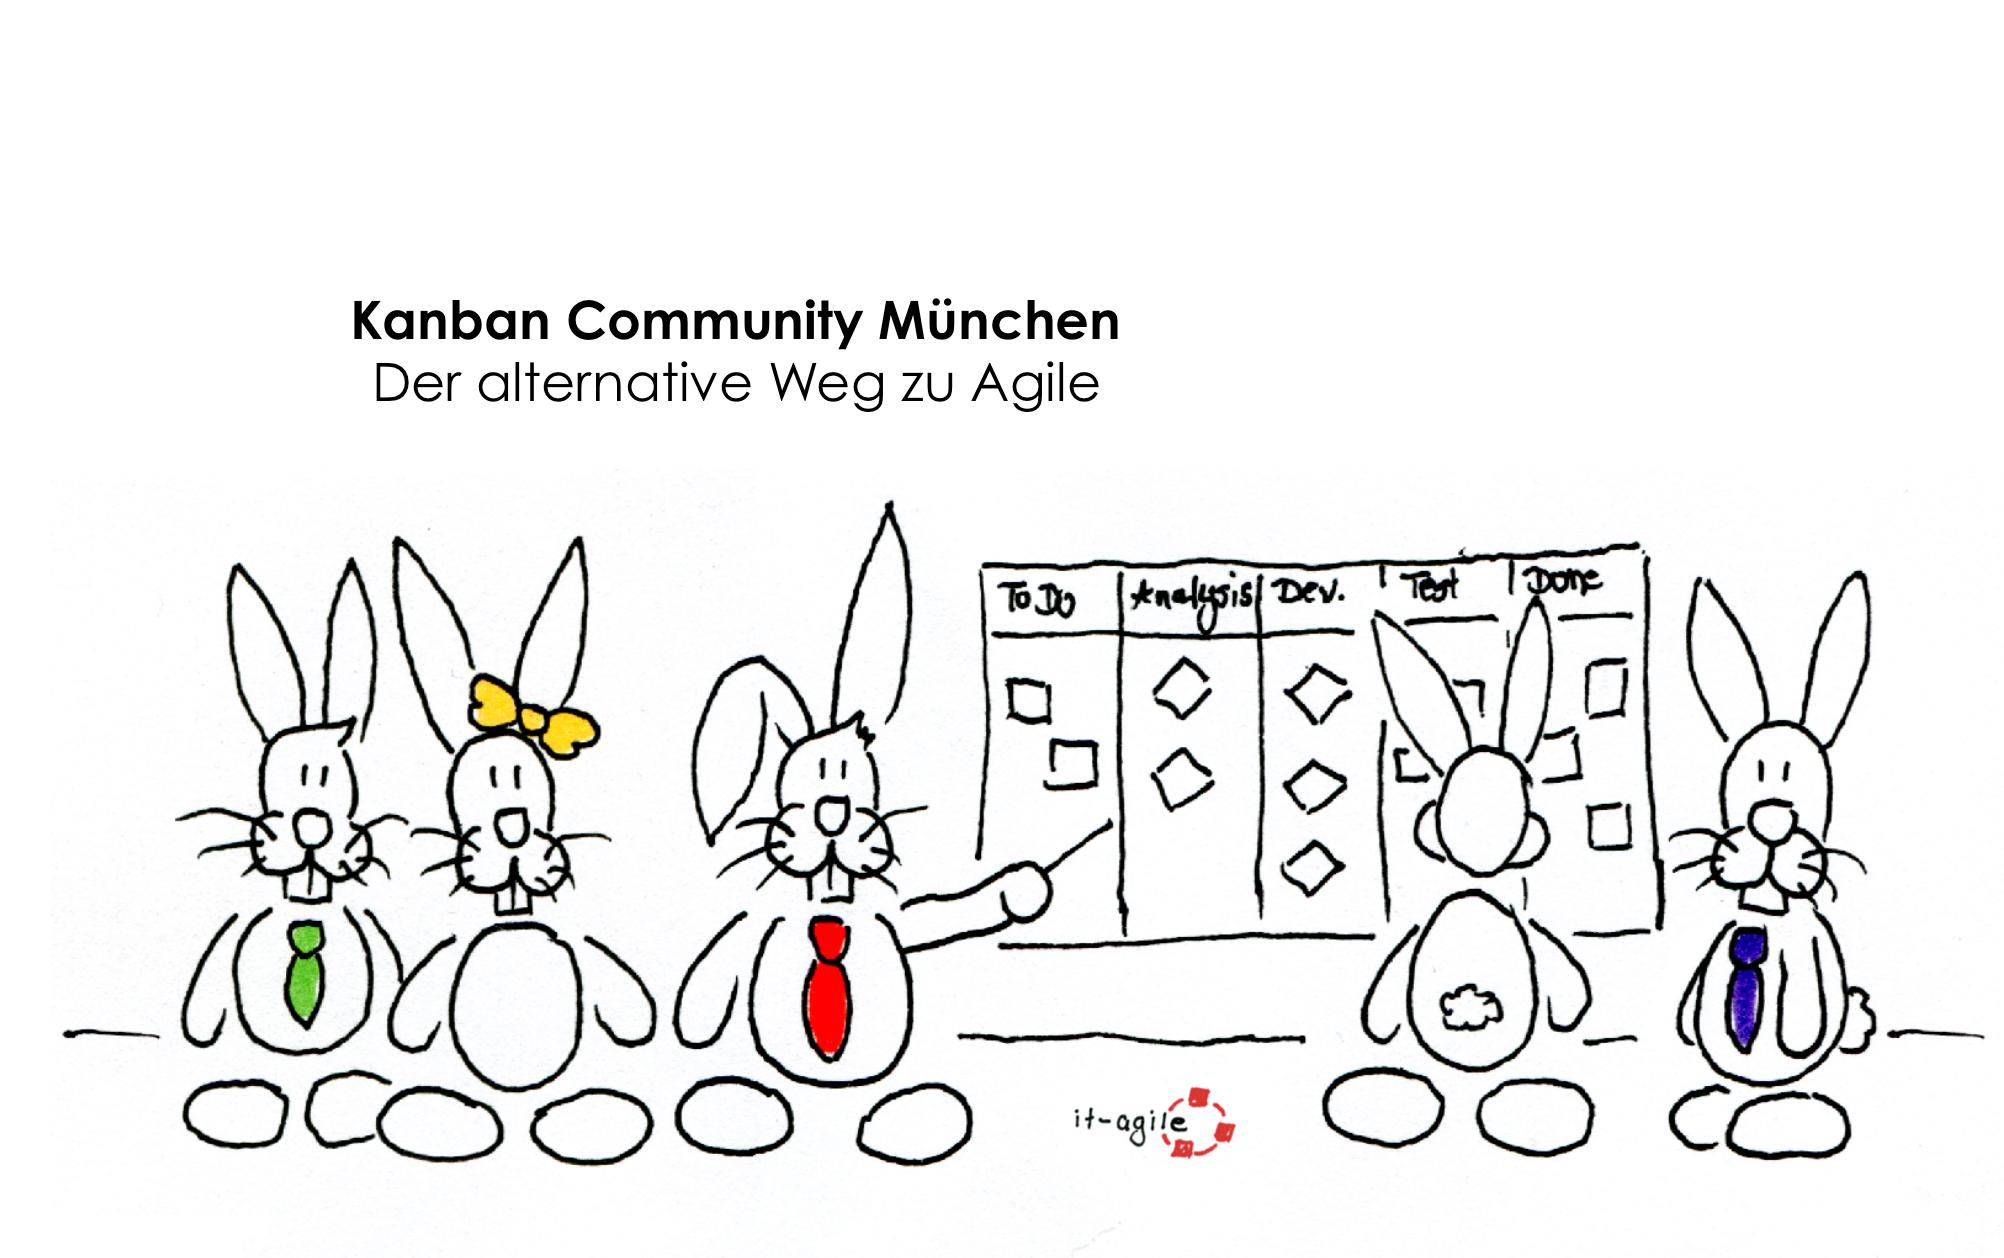 Kanban Community München